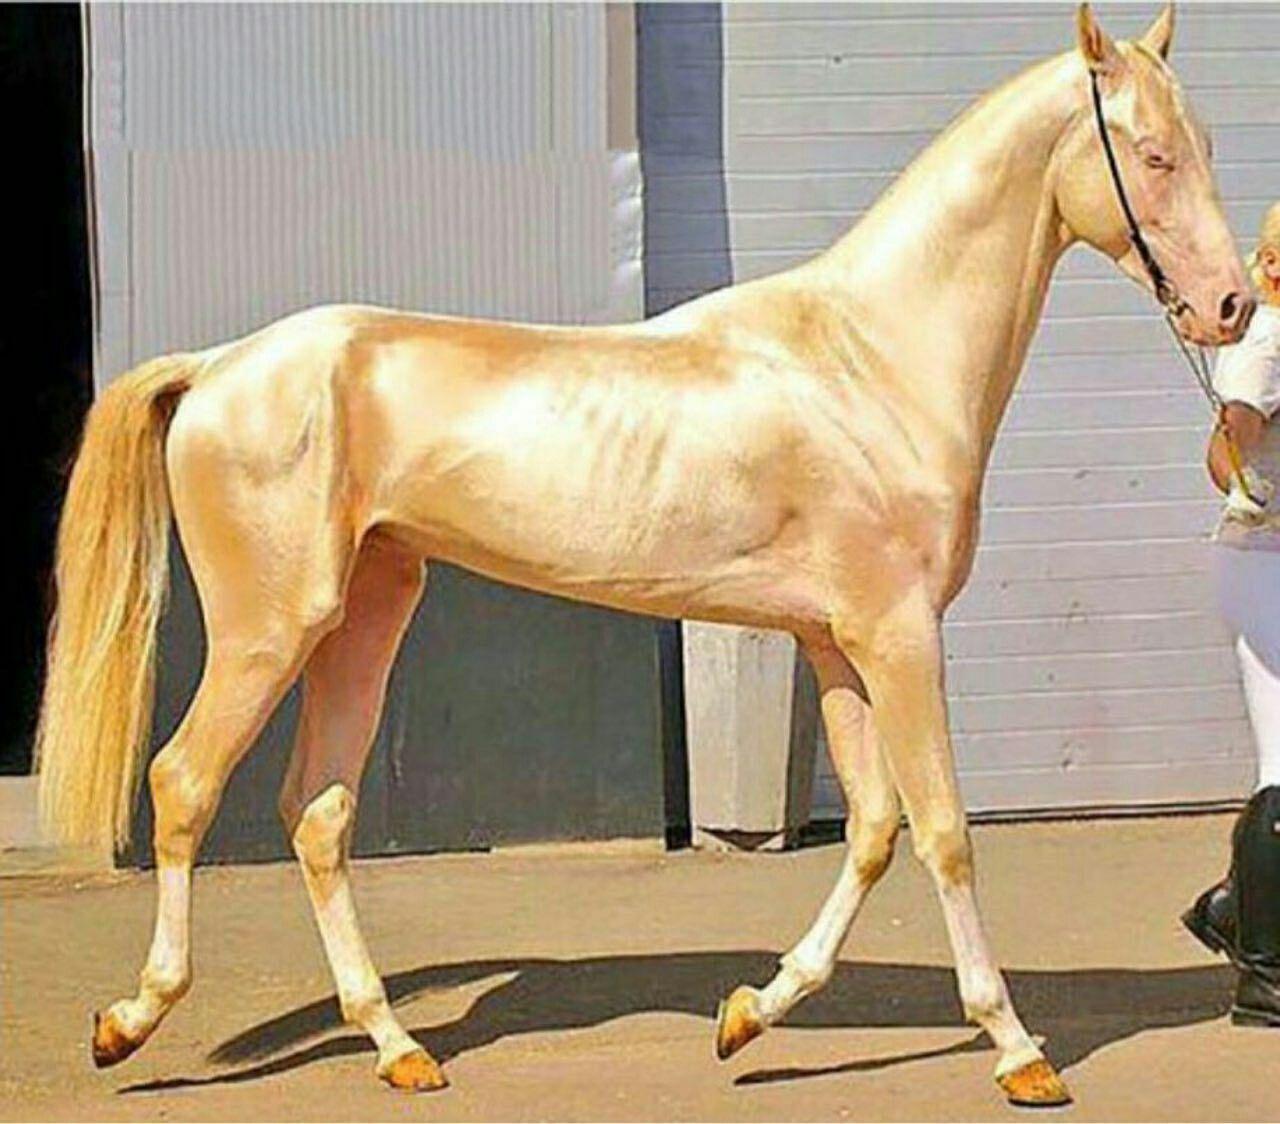 Самая дорогая лошадь в мире: сколько стоит самая дорогая лошадь в мире - топ